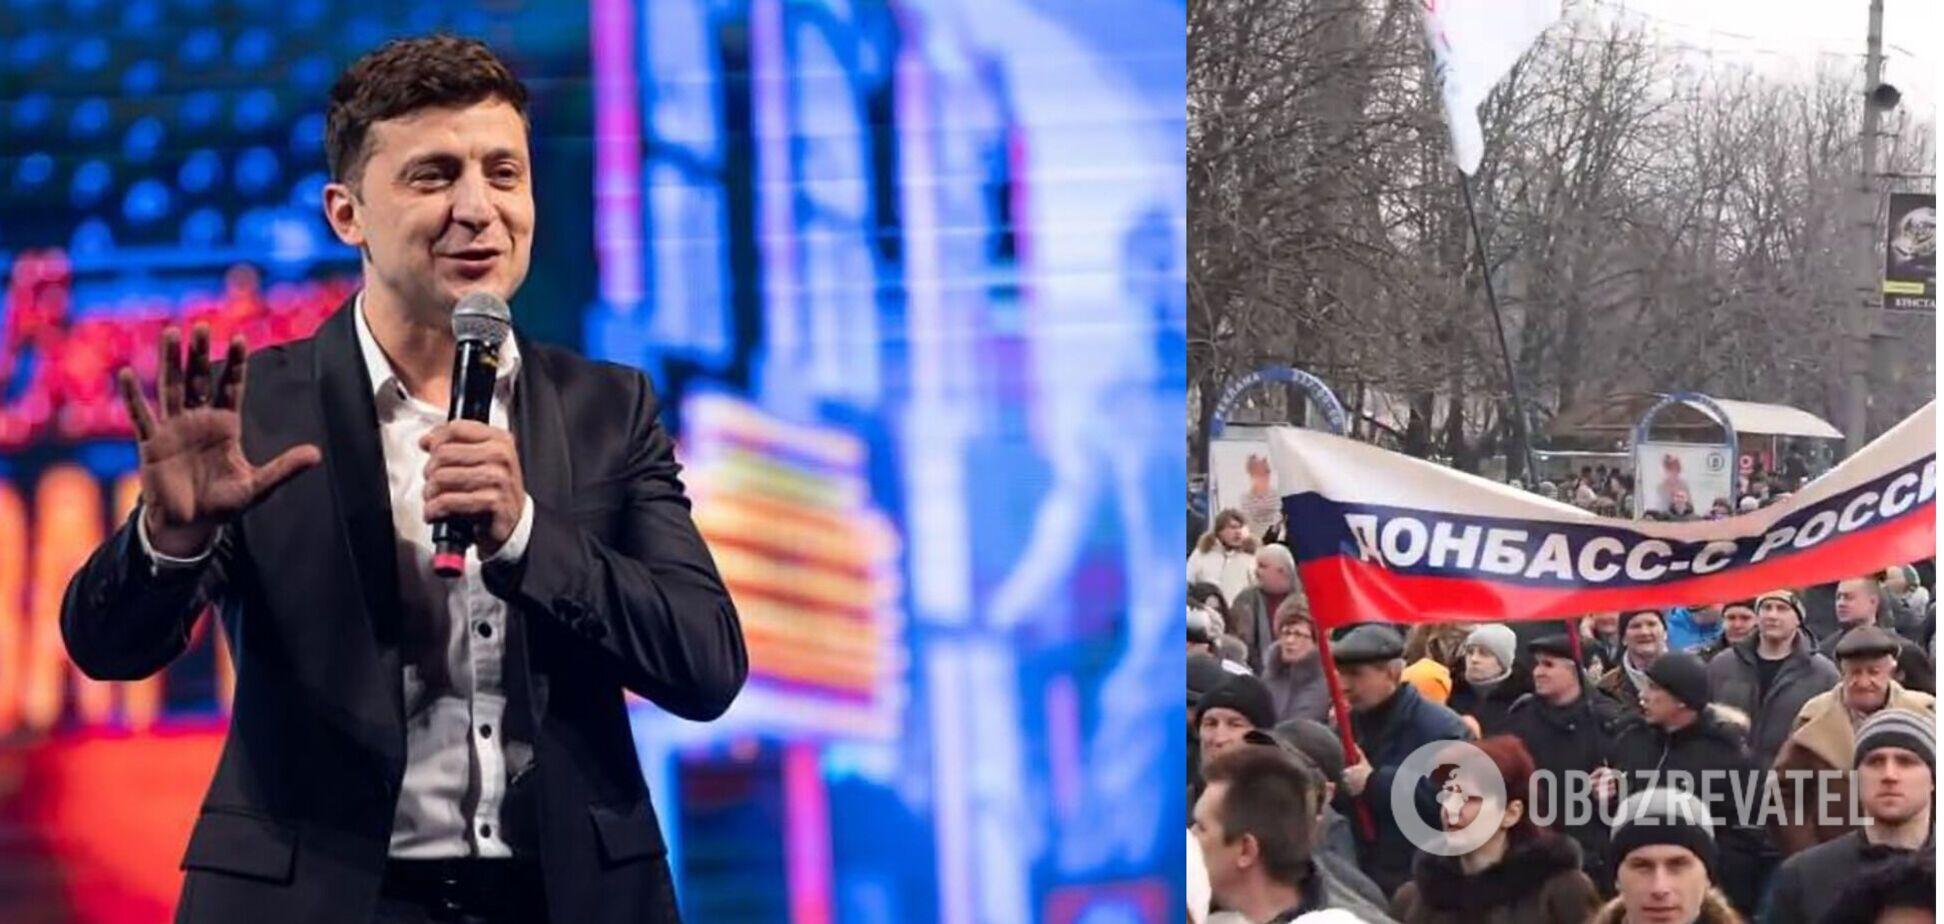 Зеленский о концерте в Донецке в апреле 2014-го: будто бы я проснулся в другом мире